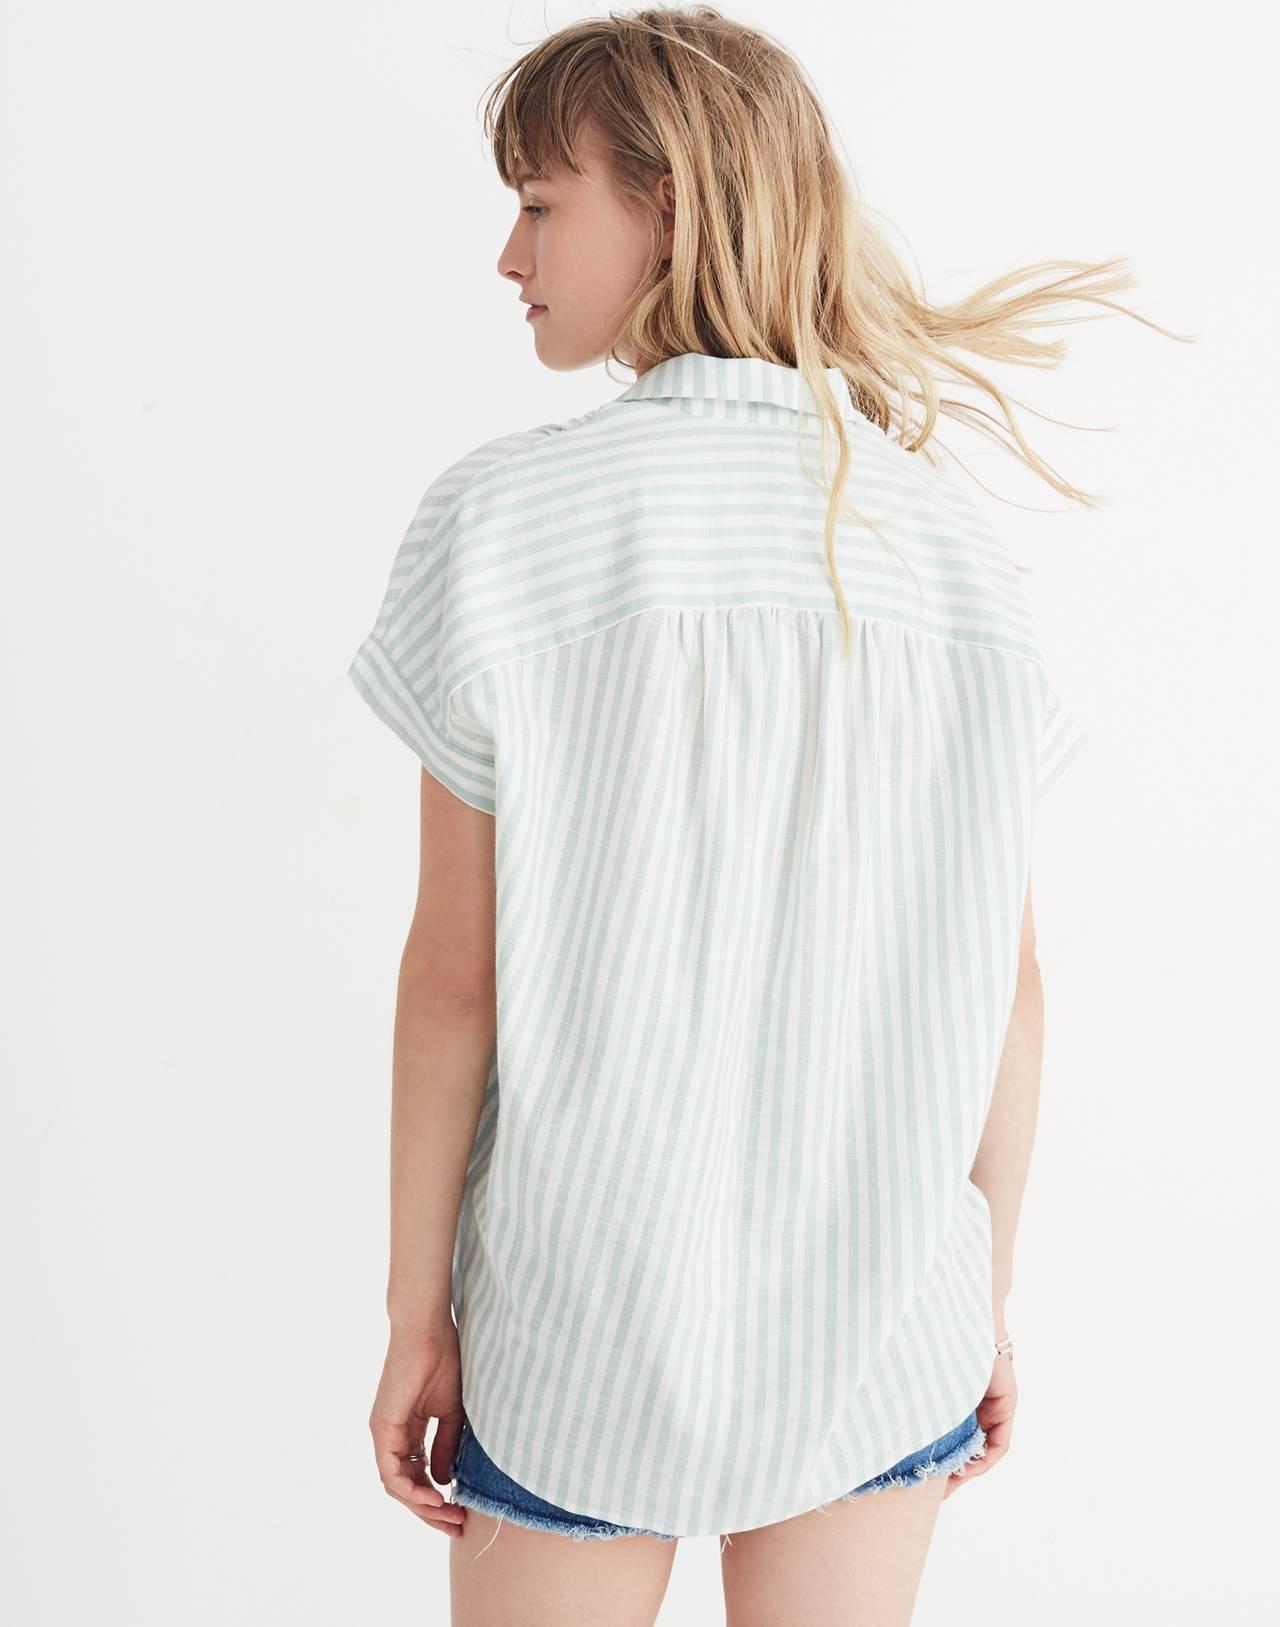 Central Shirt in Mint Stripe in mint stripe sea haze image 2